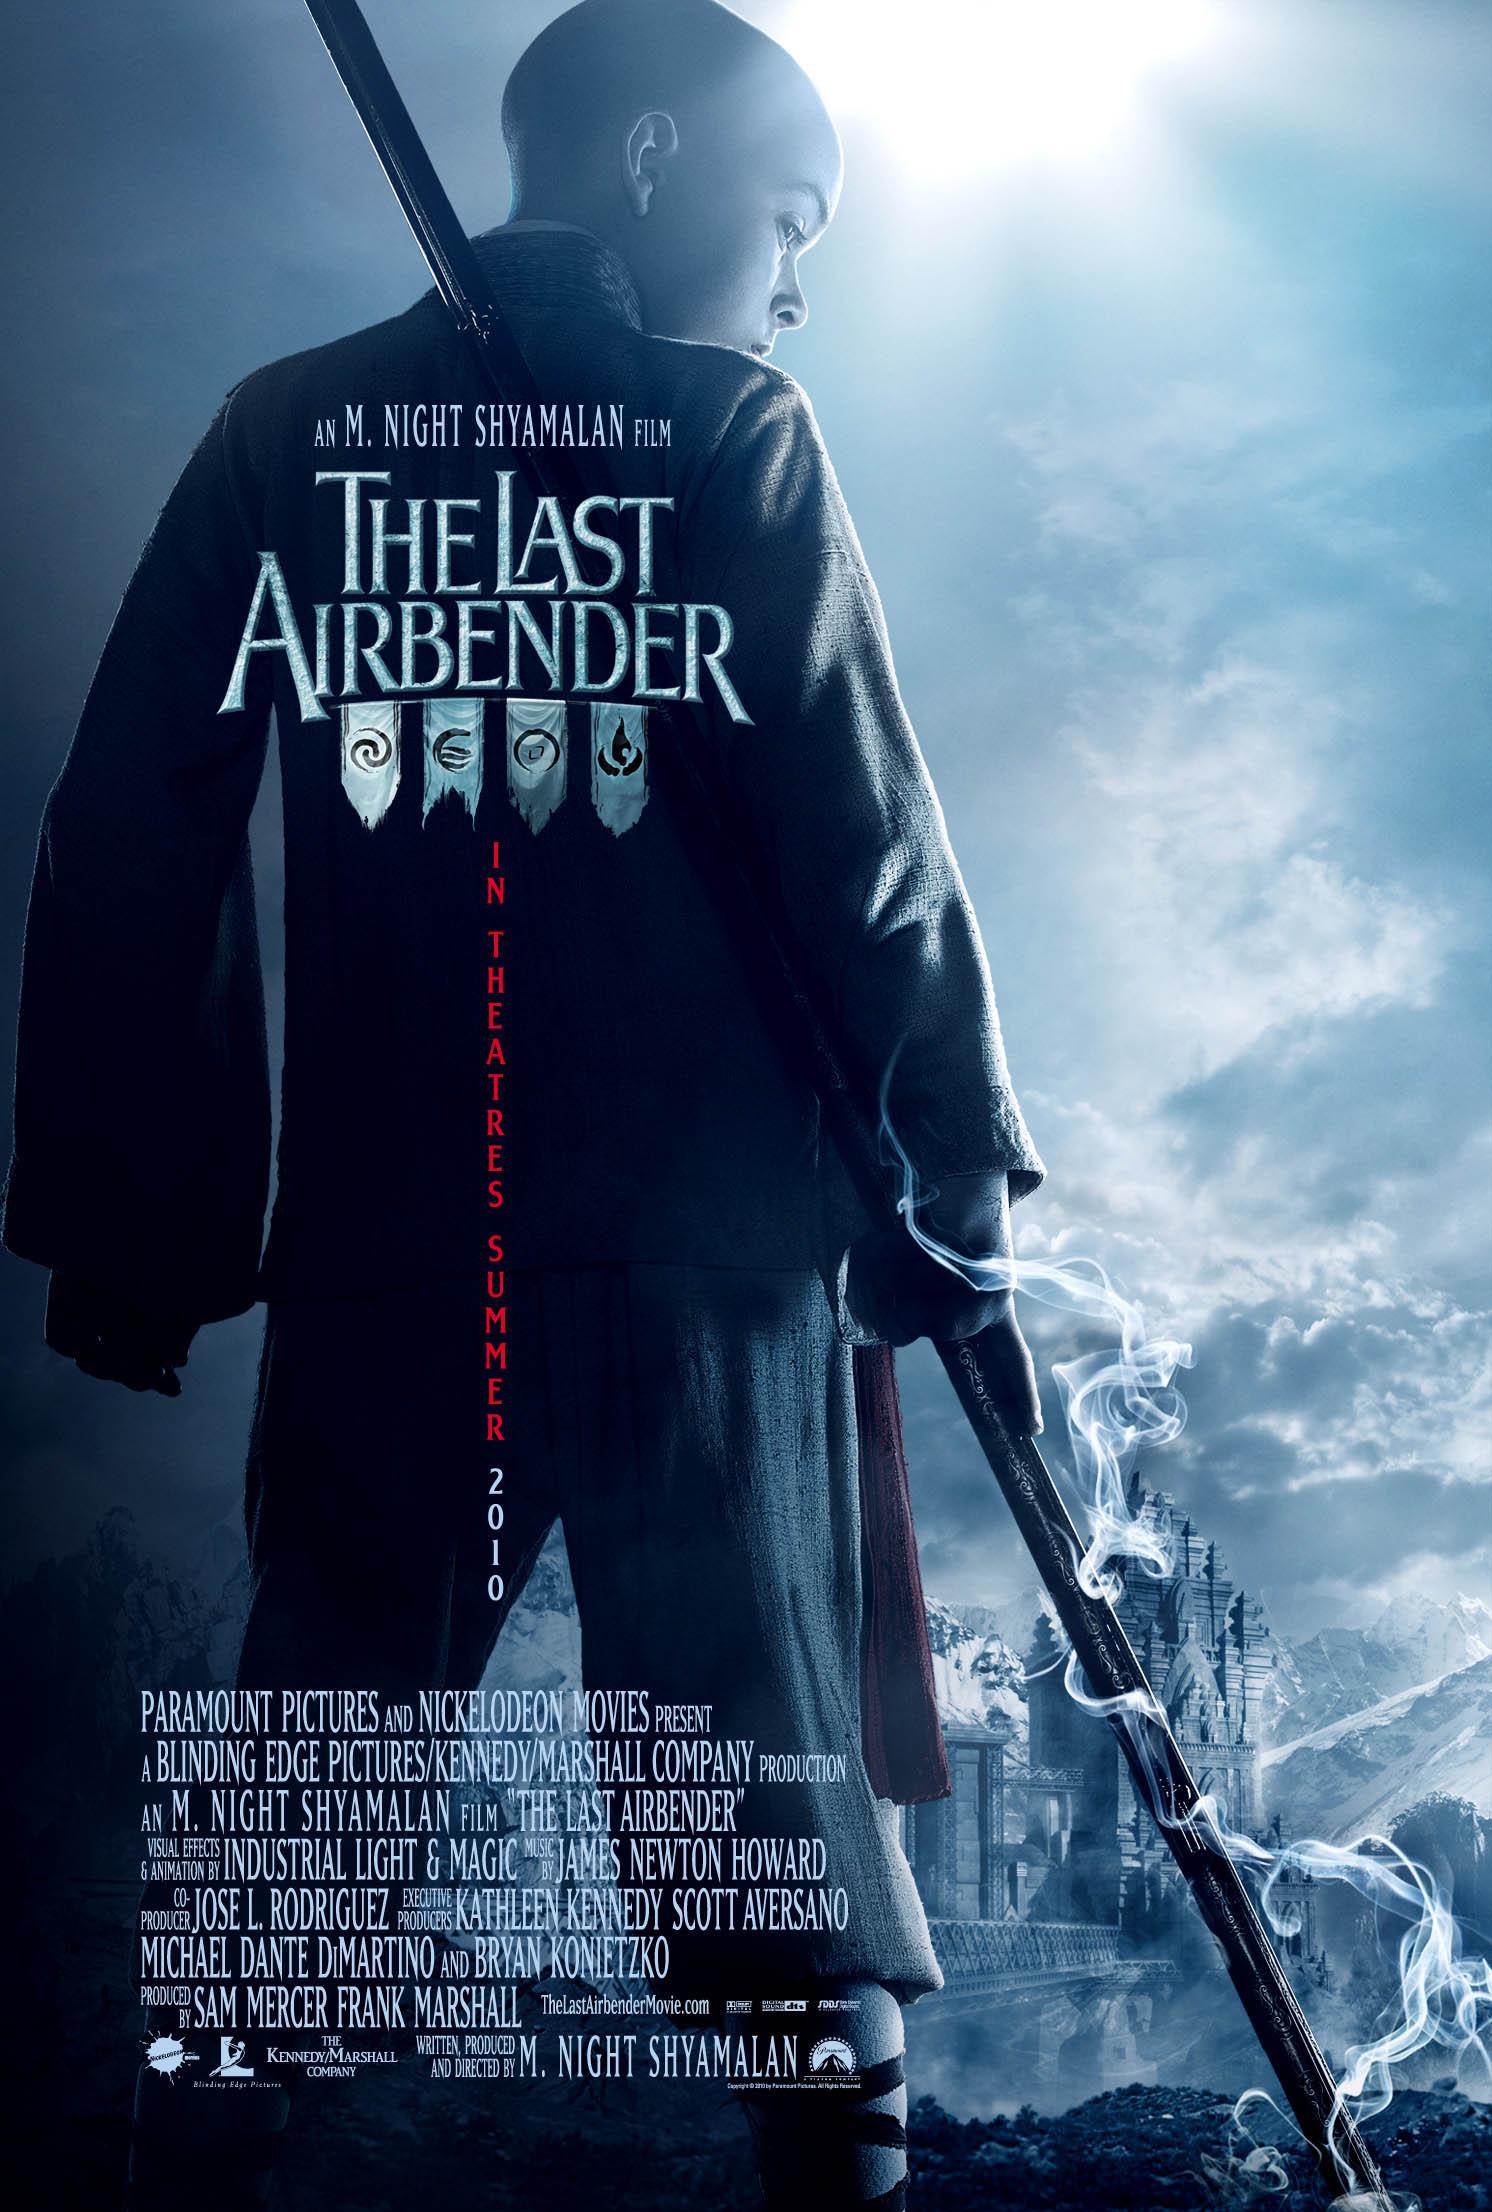 last_airbender_poster_2010_01.jpg